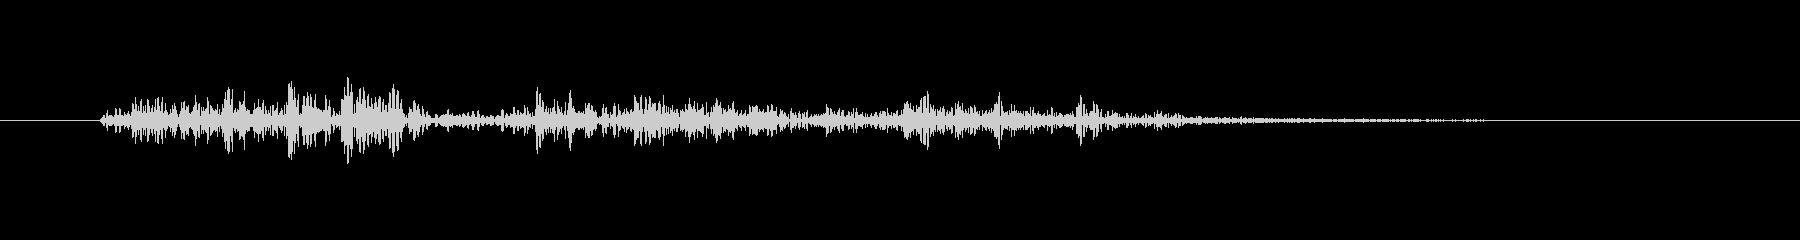 【生録音】ステンレス・スプーンの音 6の未再生の波形